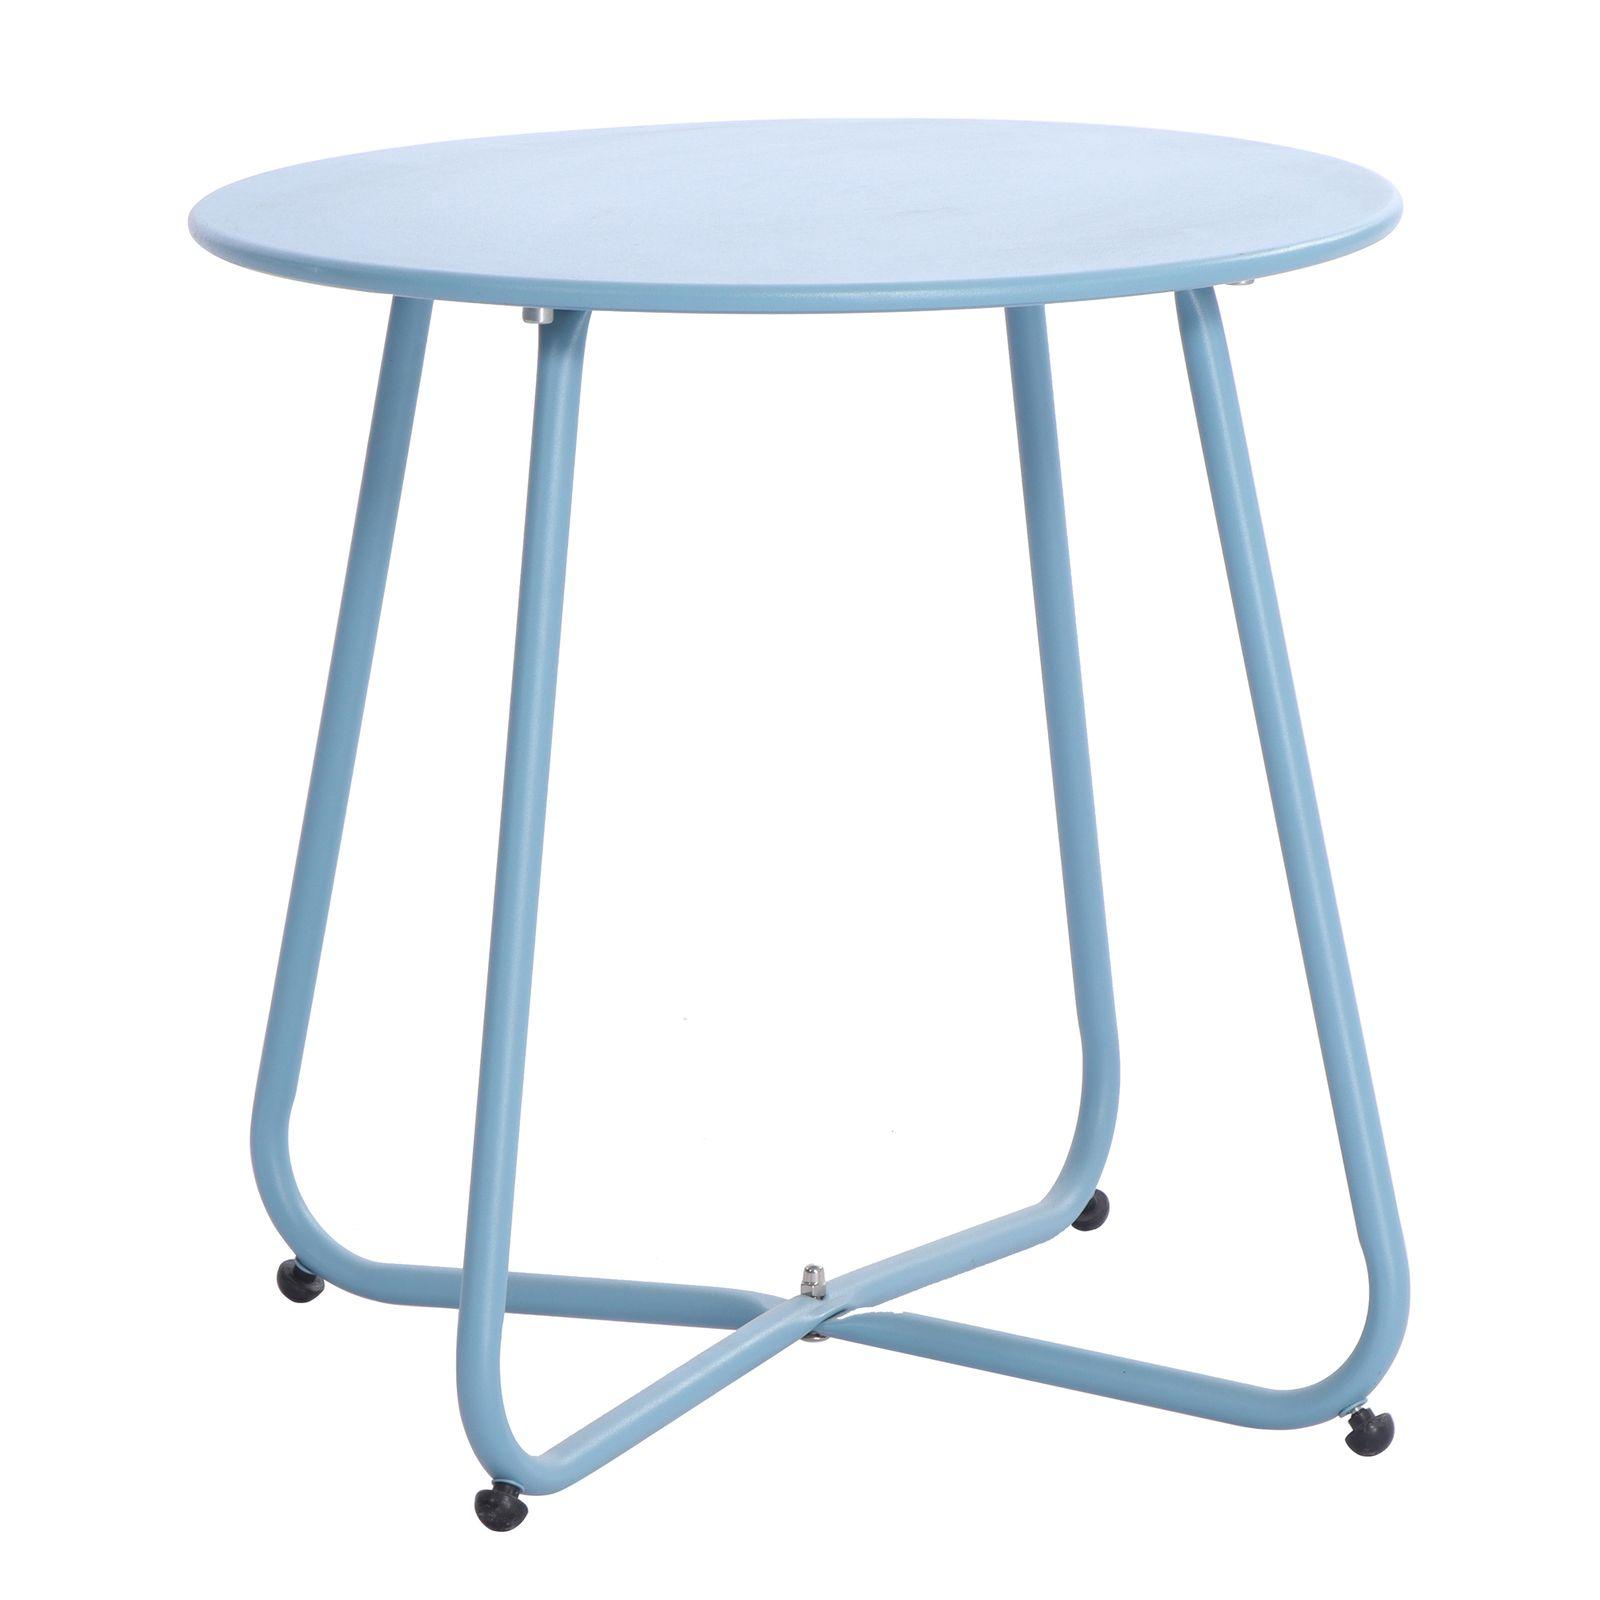 Stolik ogrodowy Florian 45 cm niebieski PATIO